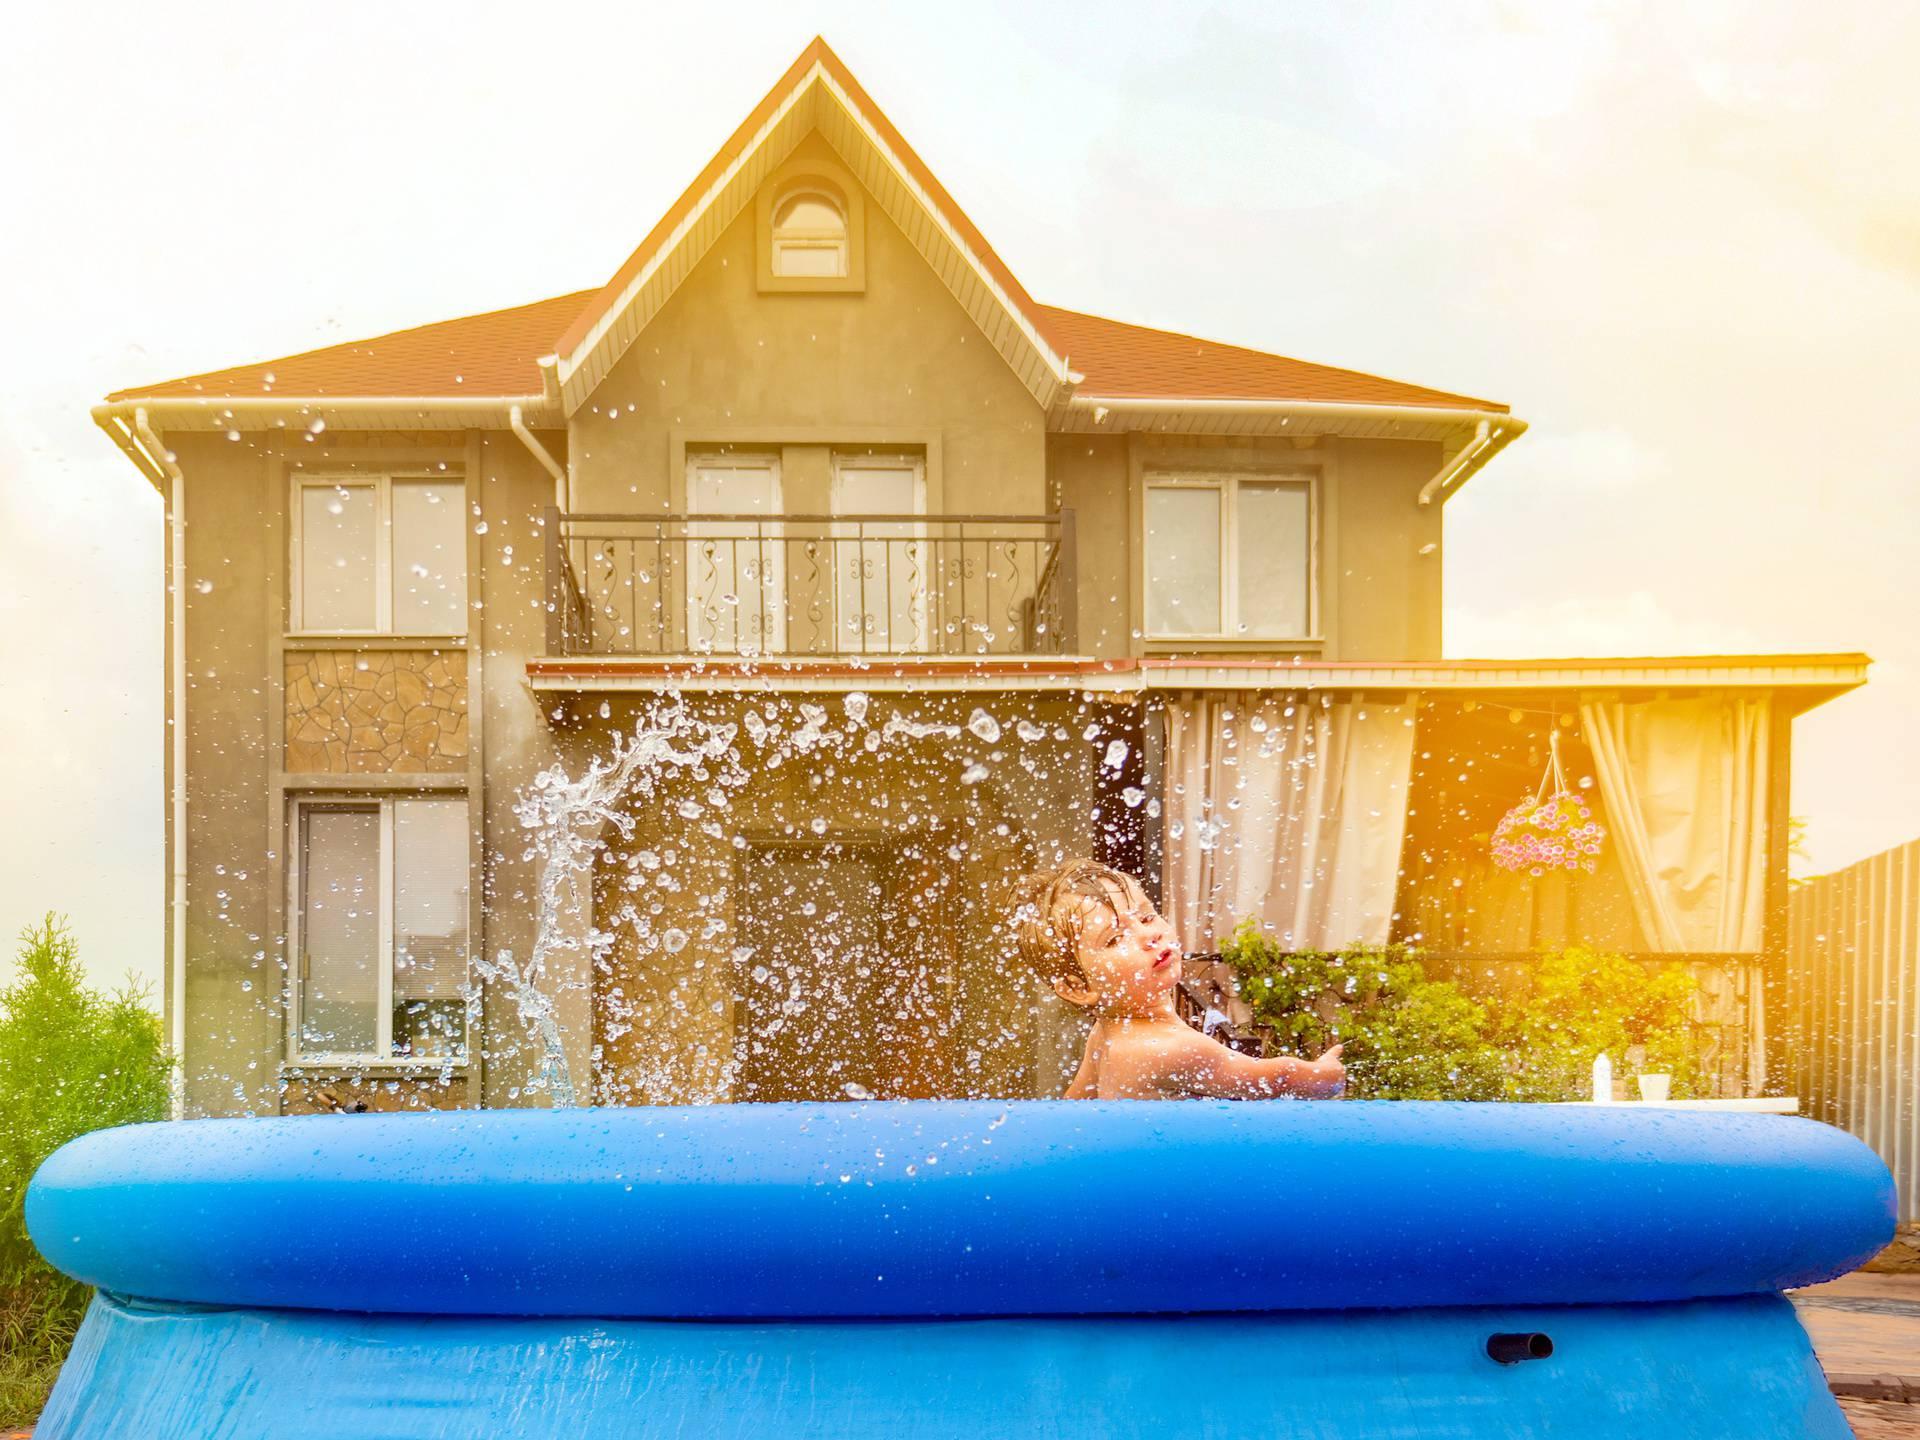 Sigurnost djece u bazenu: Nije dovoljno biti pored njih, roditelj treba biti neprestano uključen